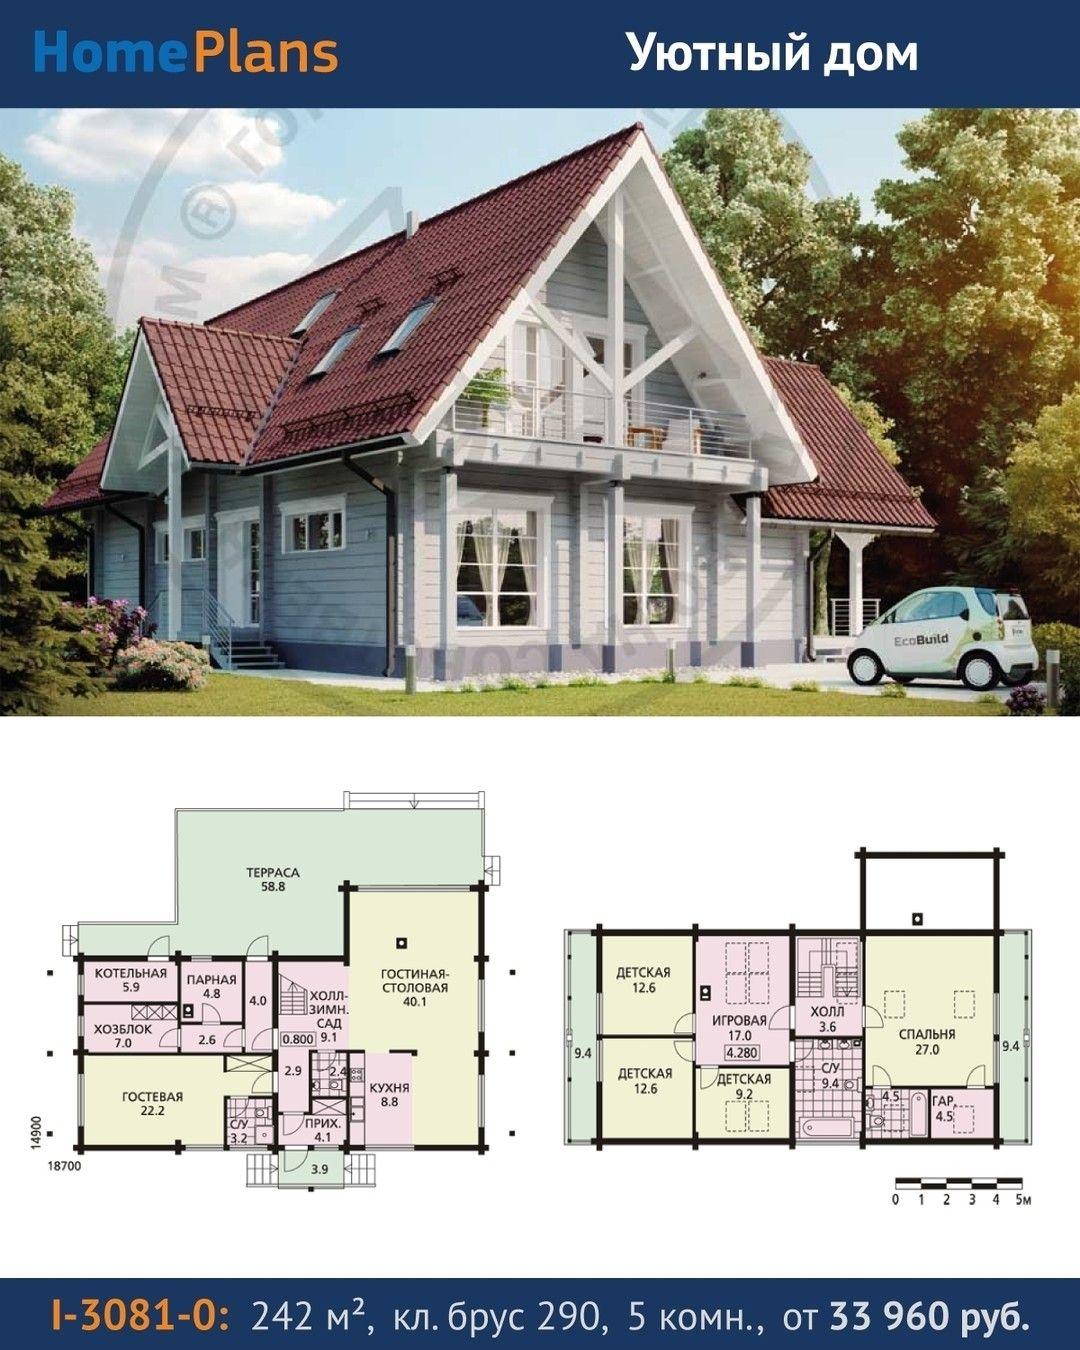 Home design bilder eine etage Проект i Уютный дом на все времена Если у вас большая семья